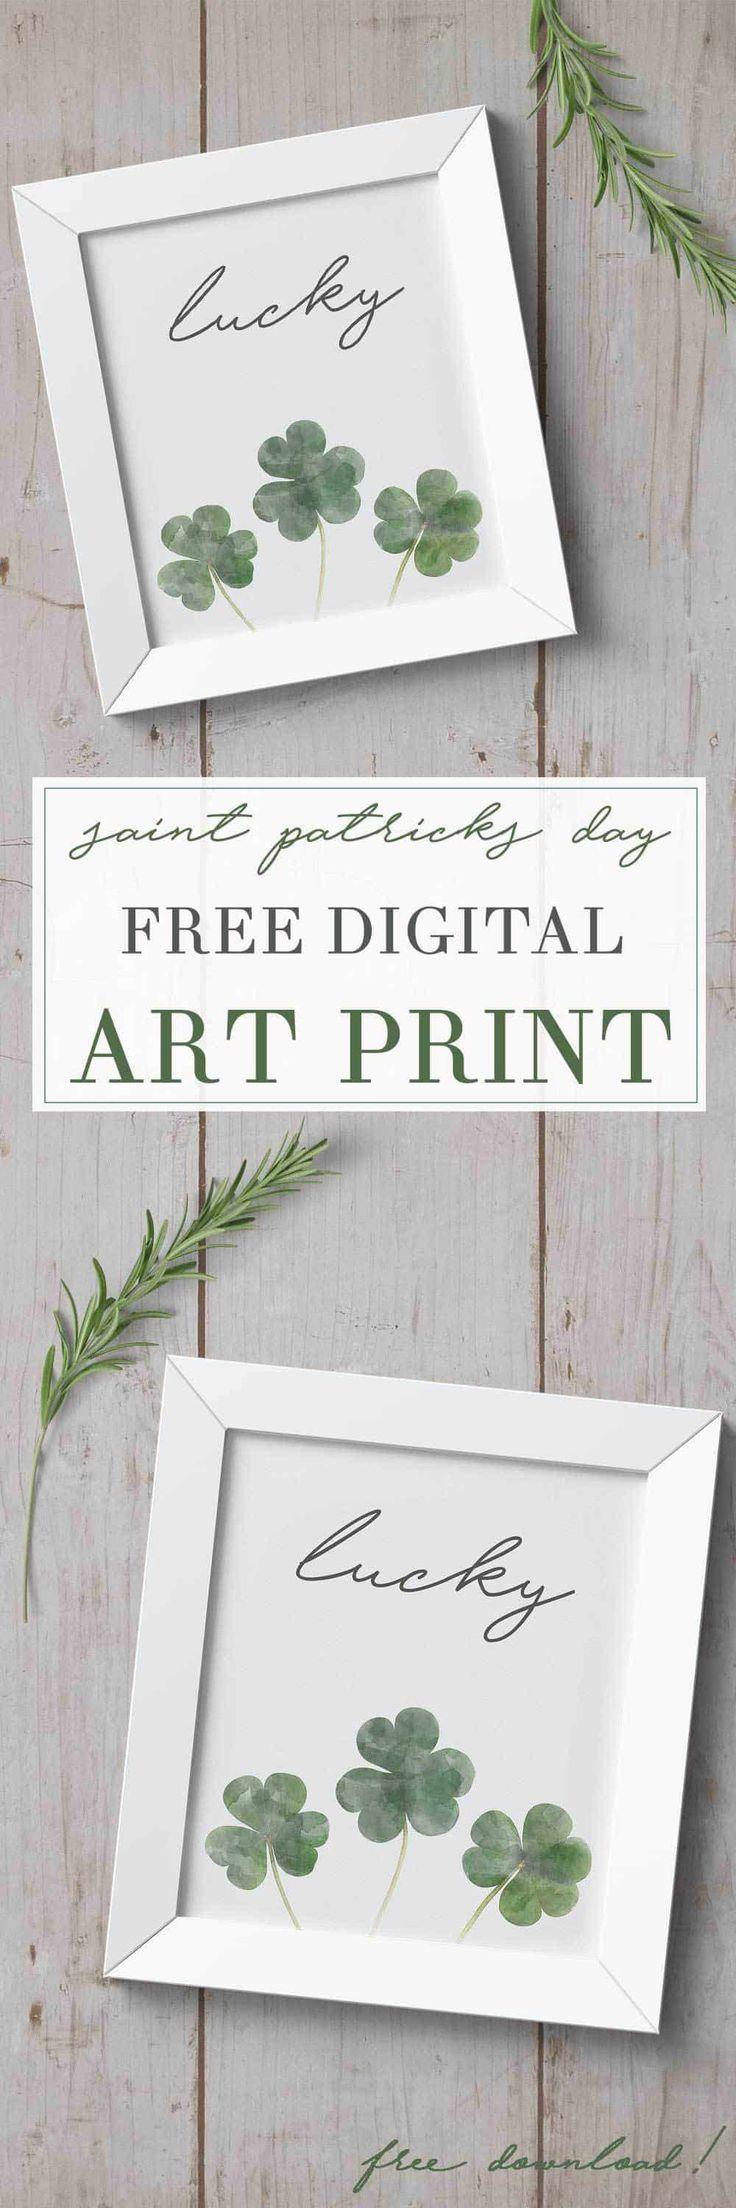 Free Downloadable St Patricks Day Art Print